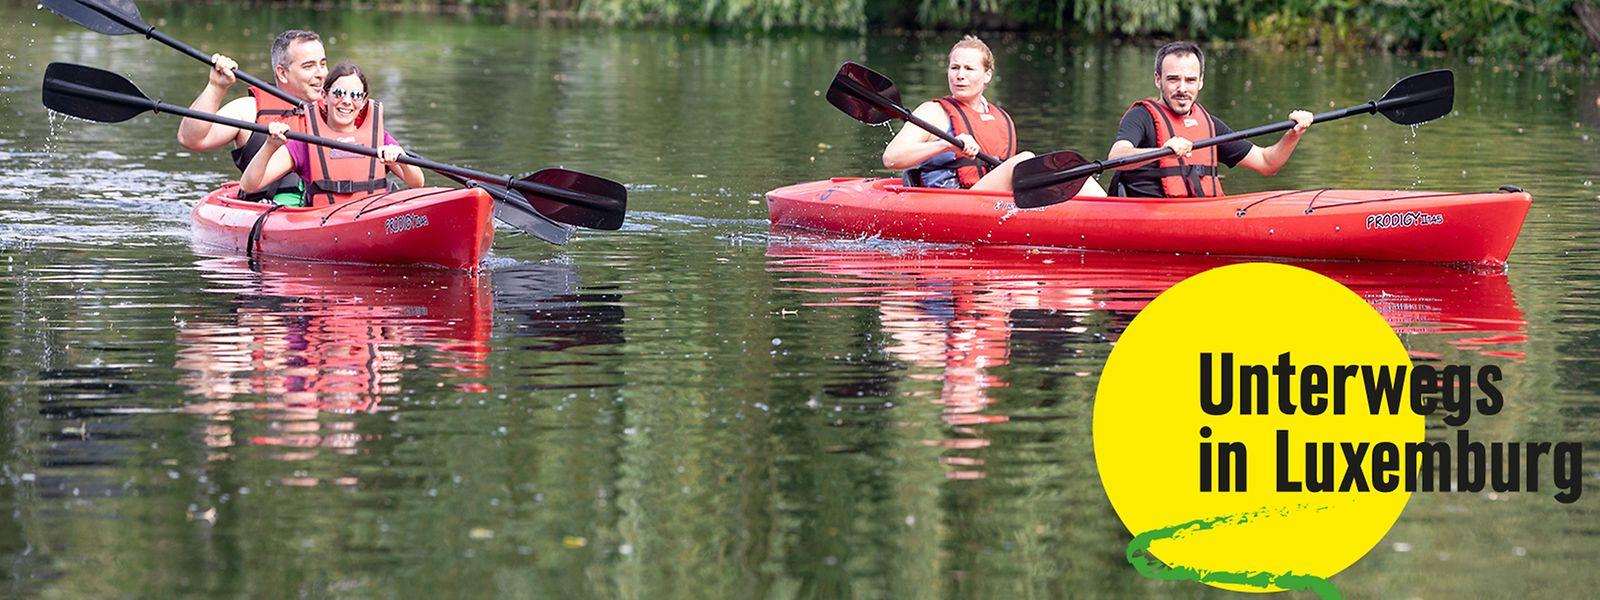 Kanufahrten ab Diekirch gelten für Wassersportbegeisterte als beliebtes Ausflugziel.